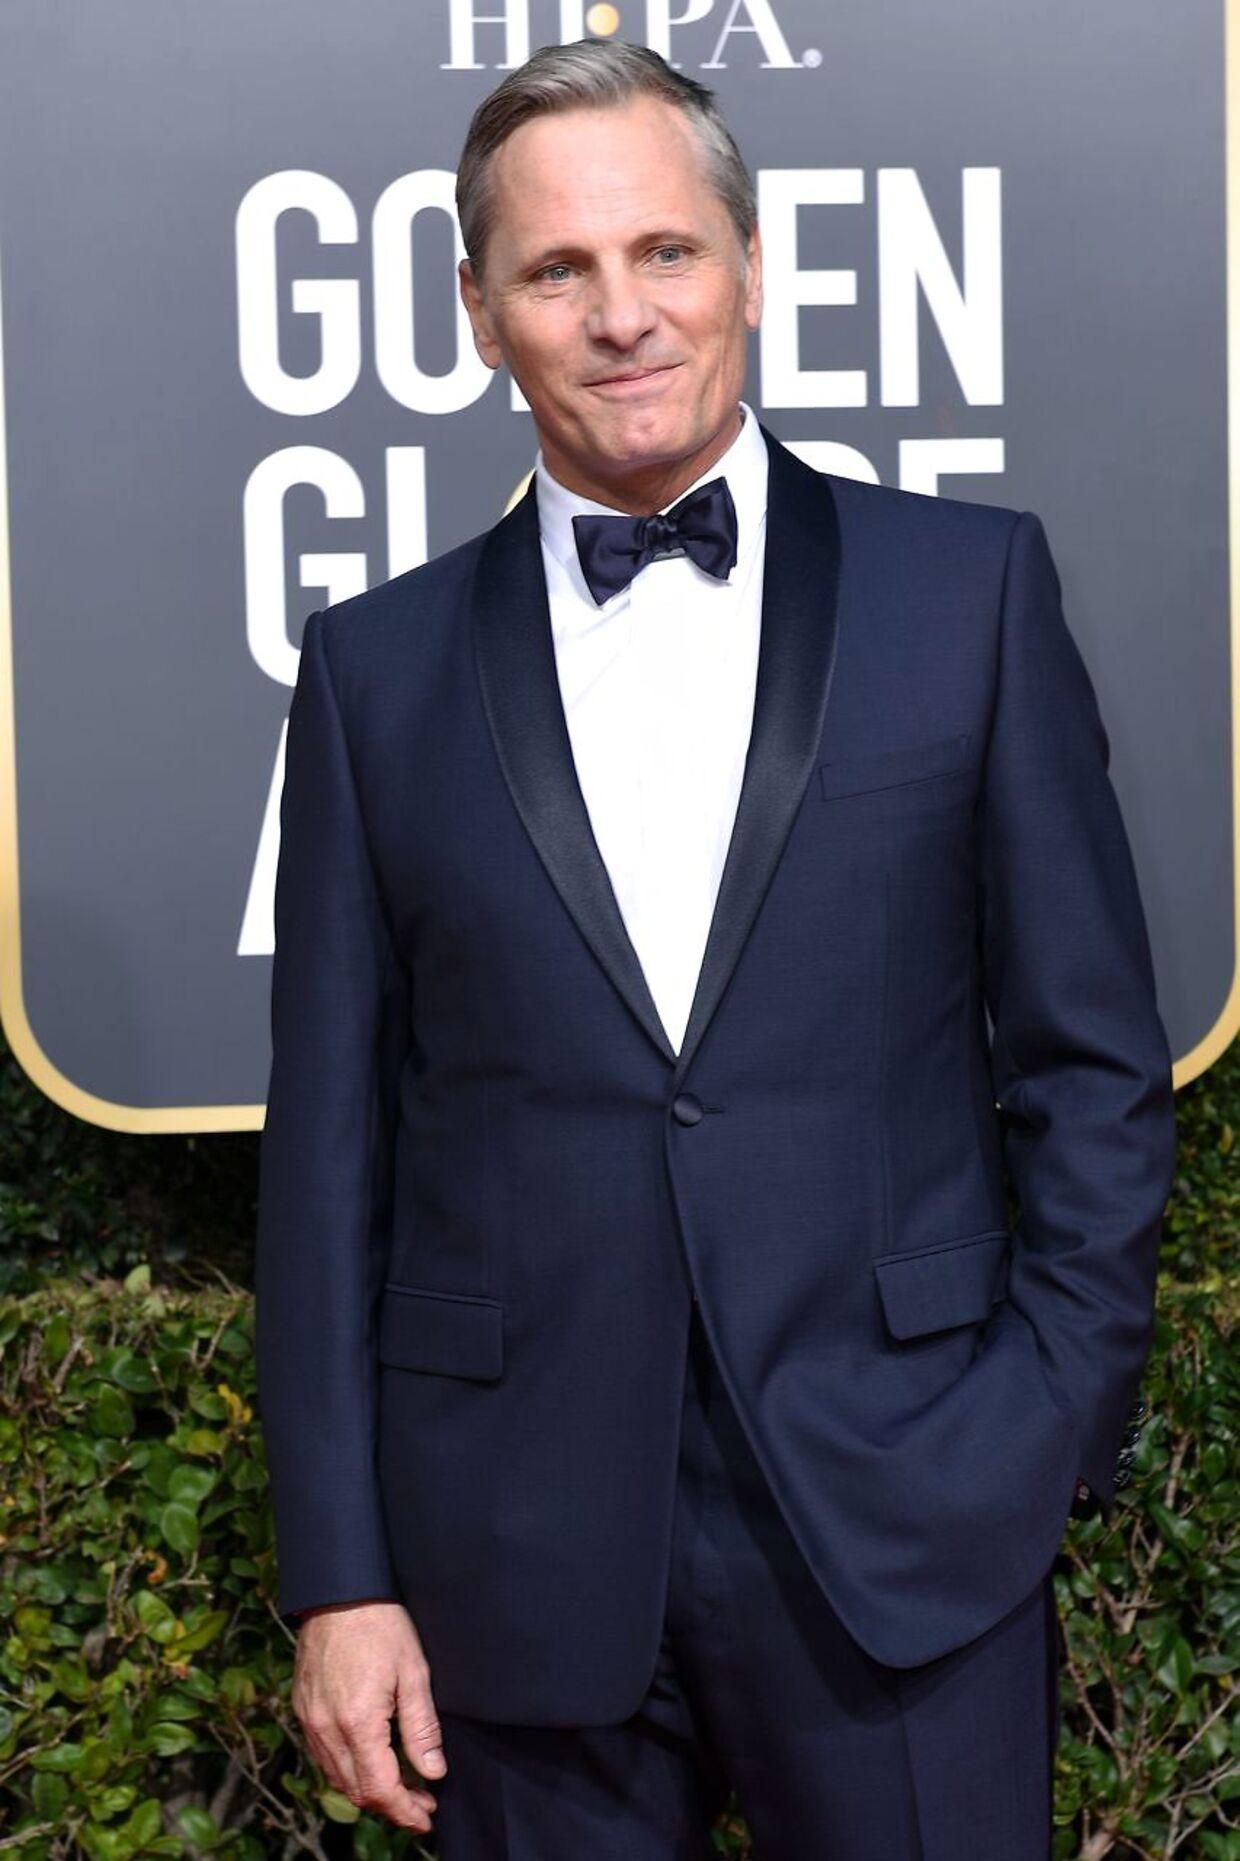 Viggo Mortensen, som har danske aner, kunne glæde sig over, at fillmen Green Book, som han medvirker i, vandt for bedste film i komedie- og muscalkategorien. (Photo by VALERIE MACON / AFP)